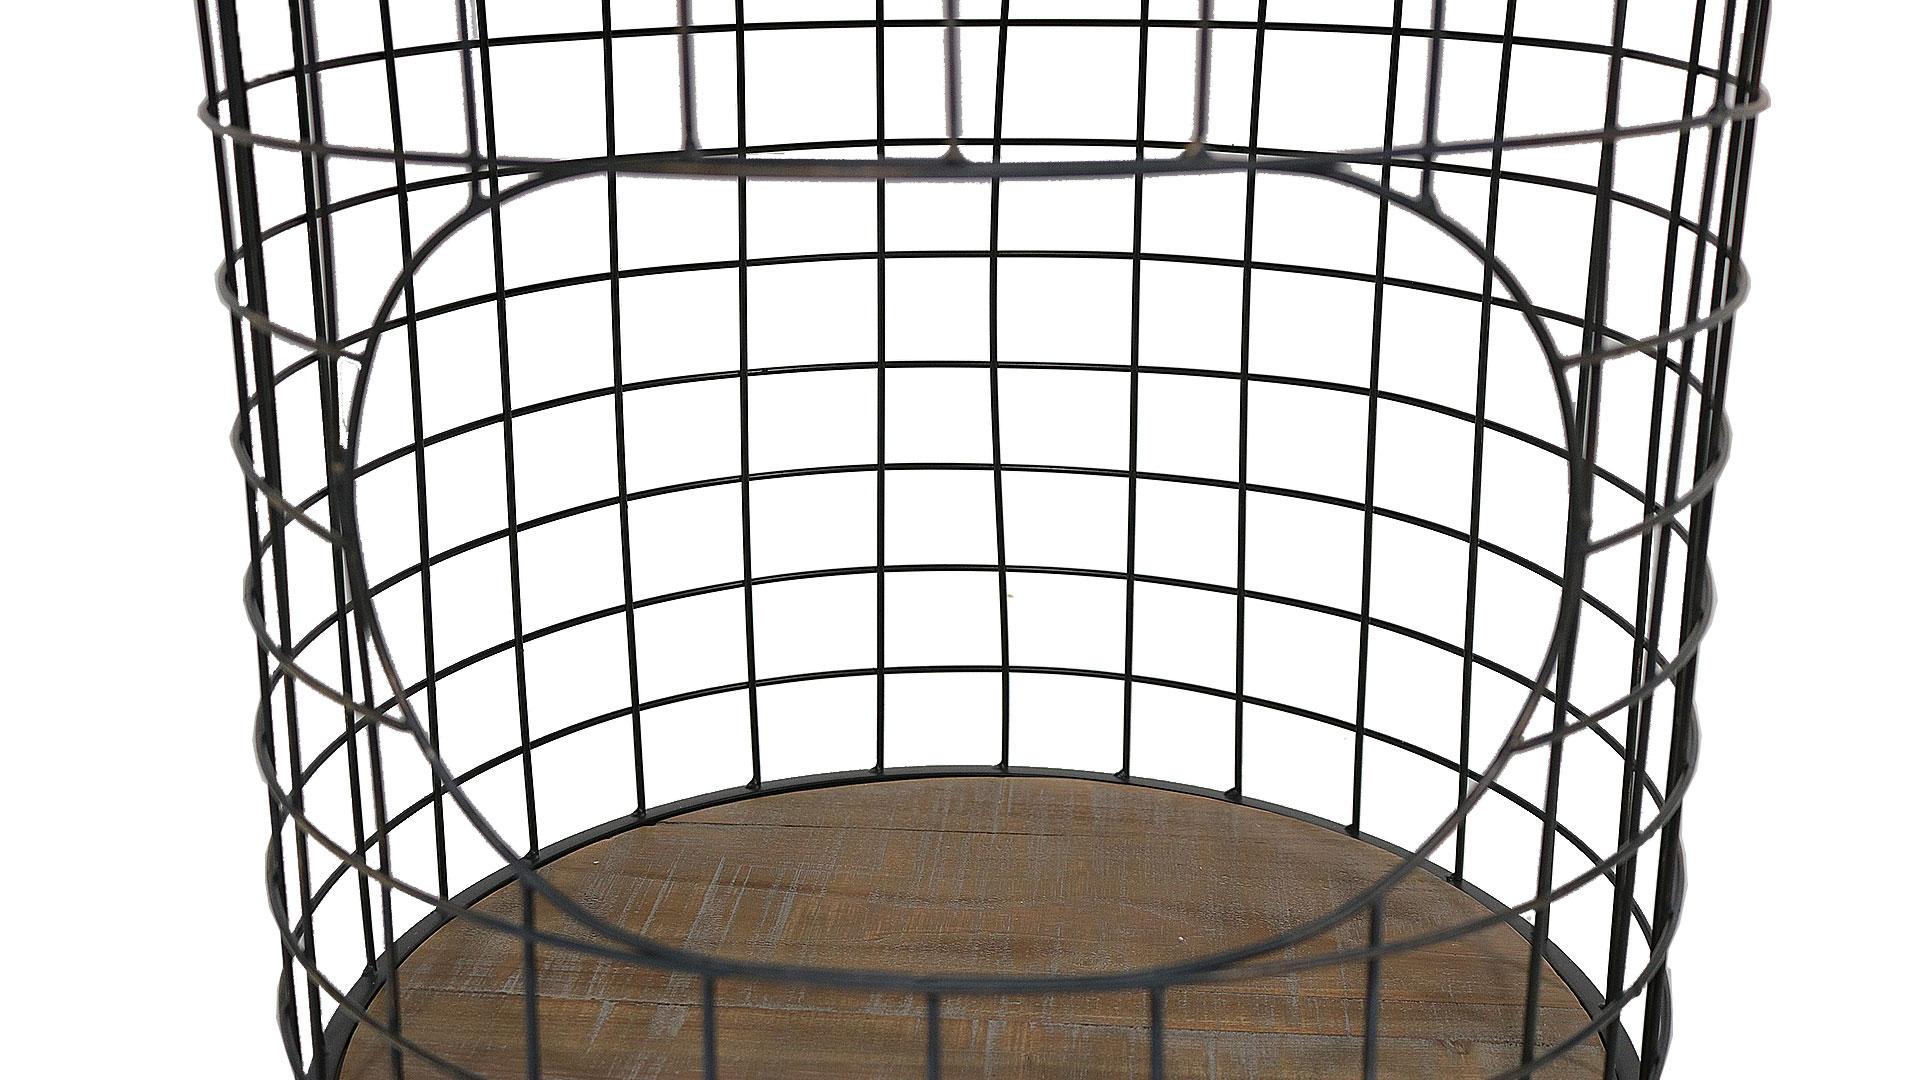 ヴィンテージのアイアンメッシュがおしゃれなランドリーバスケット